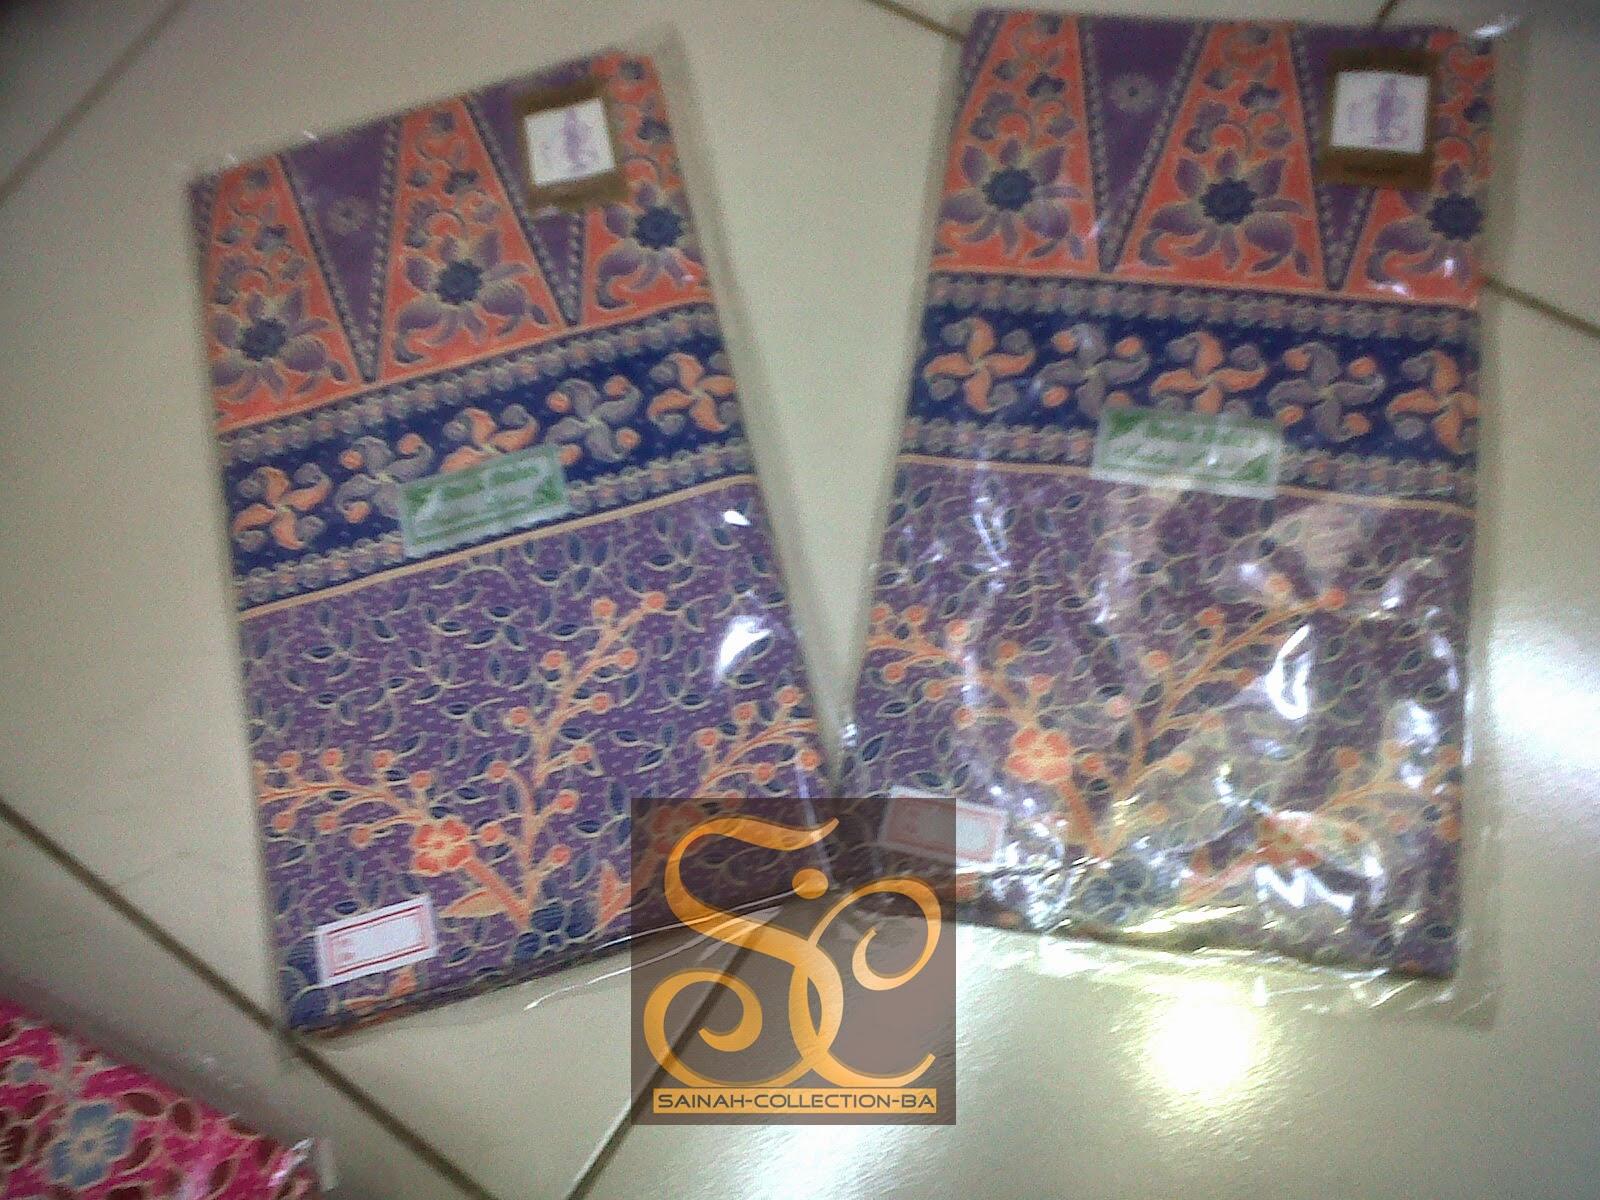 Kain Sarung Batik. KAIN SARUNG BATIK BETAWI ff6421149d